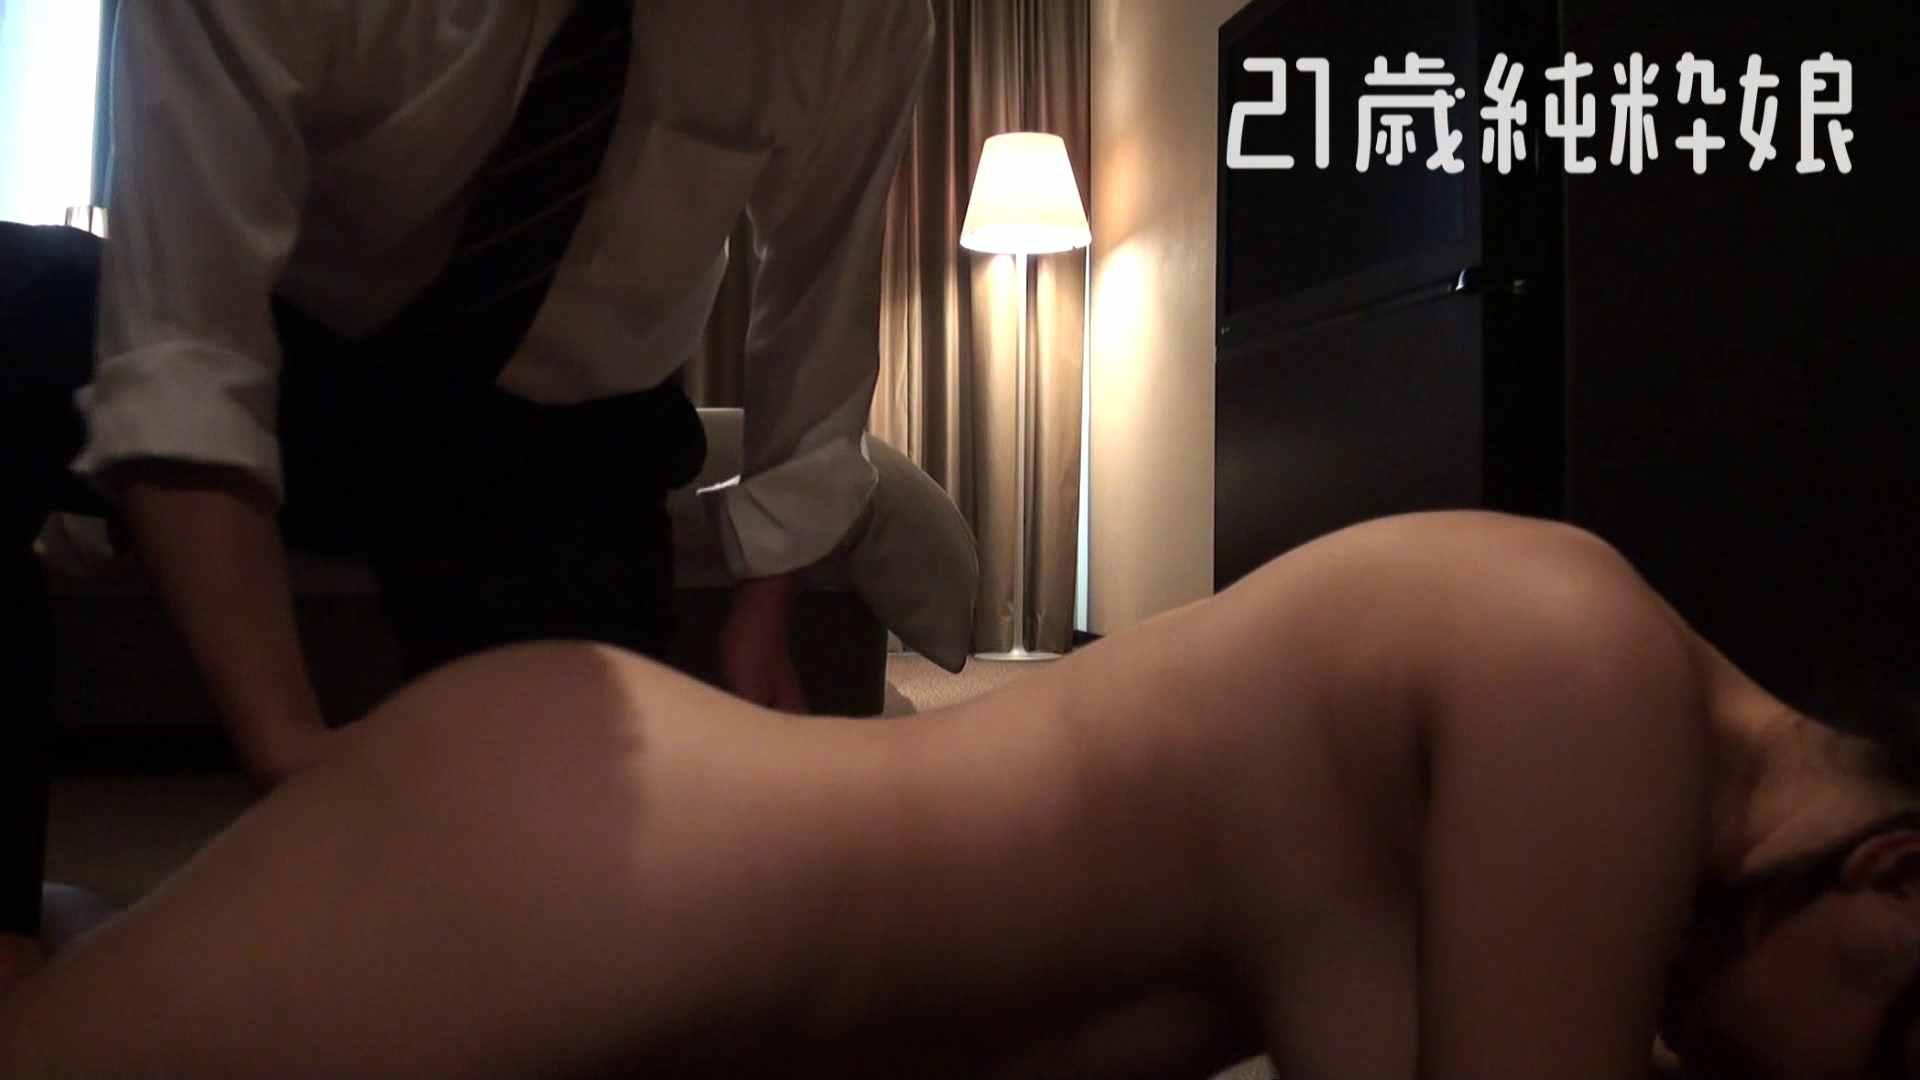 上京したばかりのGカップ21歳純粋嬢を都合の良い女にしてみた2 オナニー集 盗撮動画紹介 70pic 43